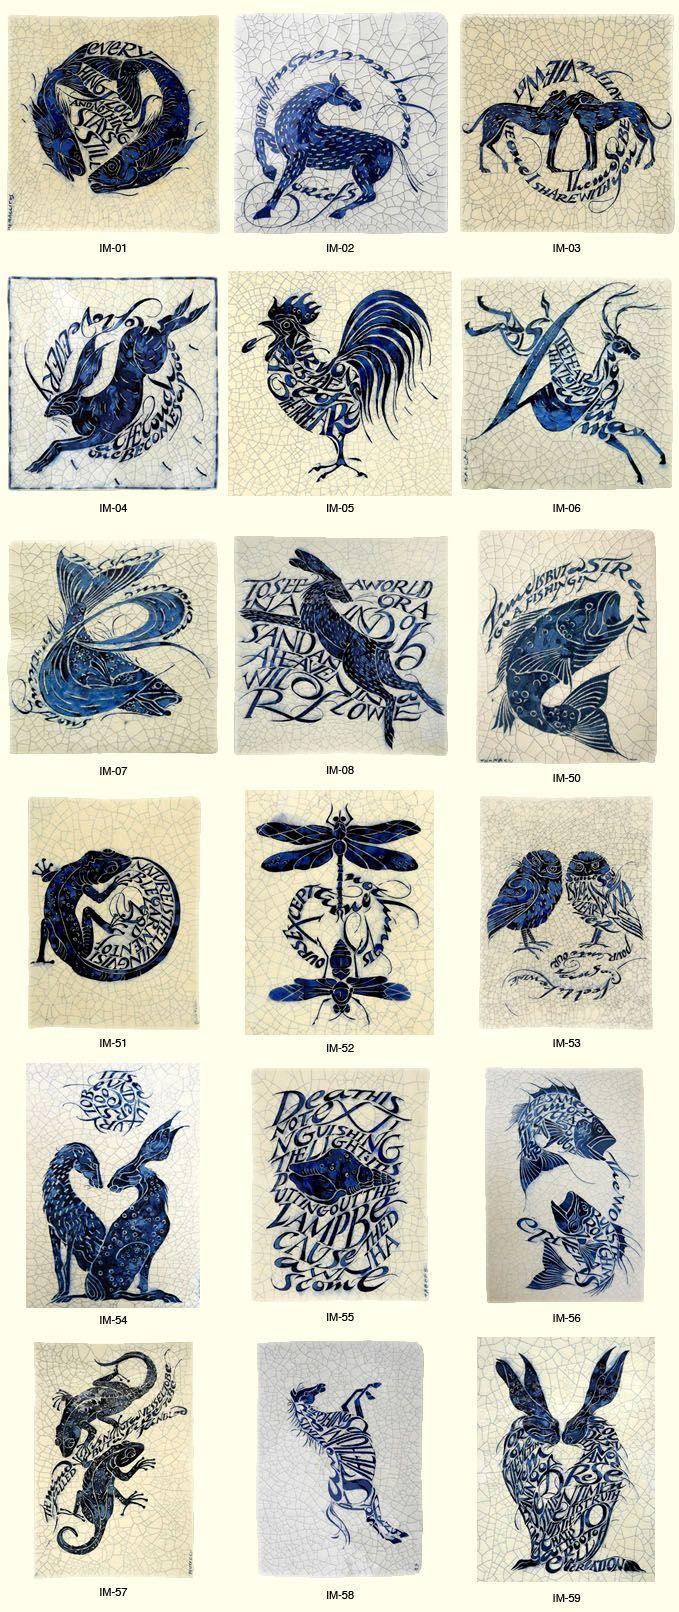 Poetry Tiles - Cards by Iris Milward